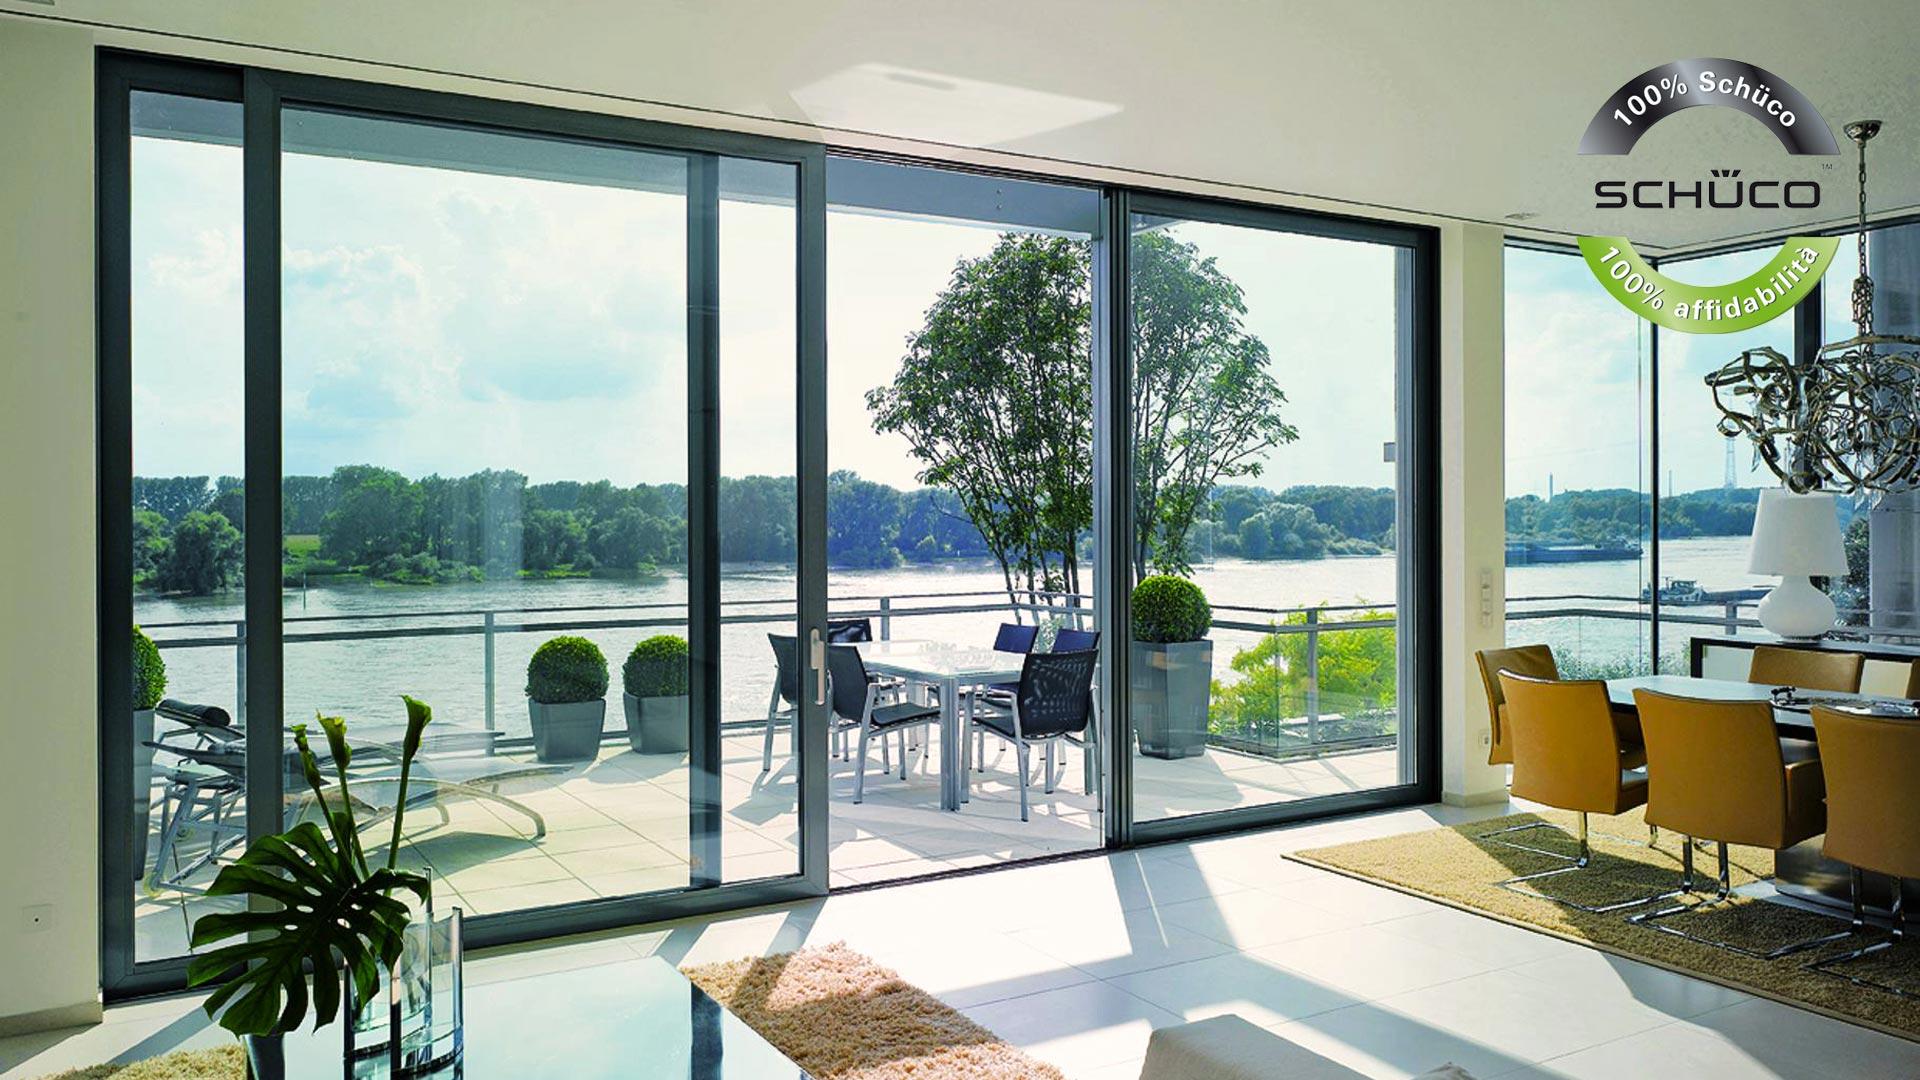 Arredamento da esterno pergole tende da sole serramenti in pvc - Tende finestre pvc ...